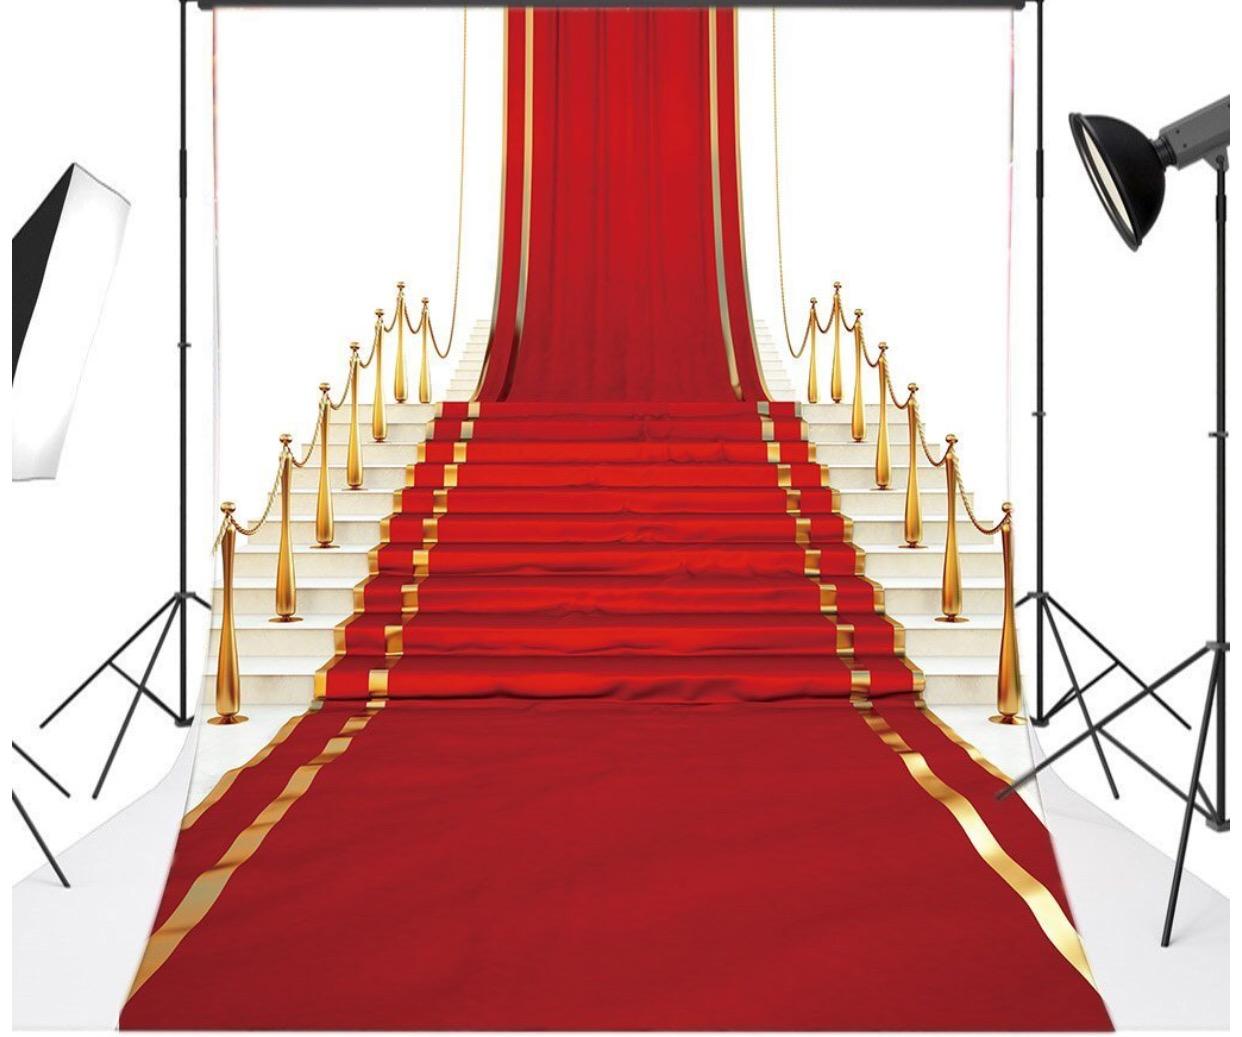 fotobox hintergrund roter teppich fotobox hamburg hochwertige fotoboxen f r hamburg die nr. Black Bedroom Furniture Sets. Home Design Ideas